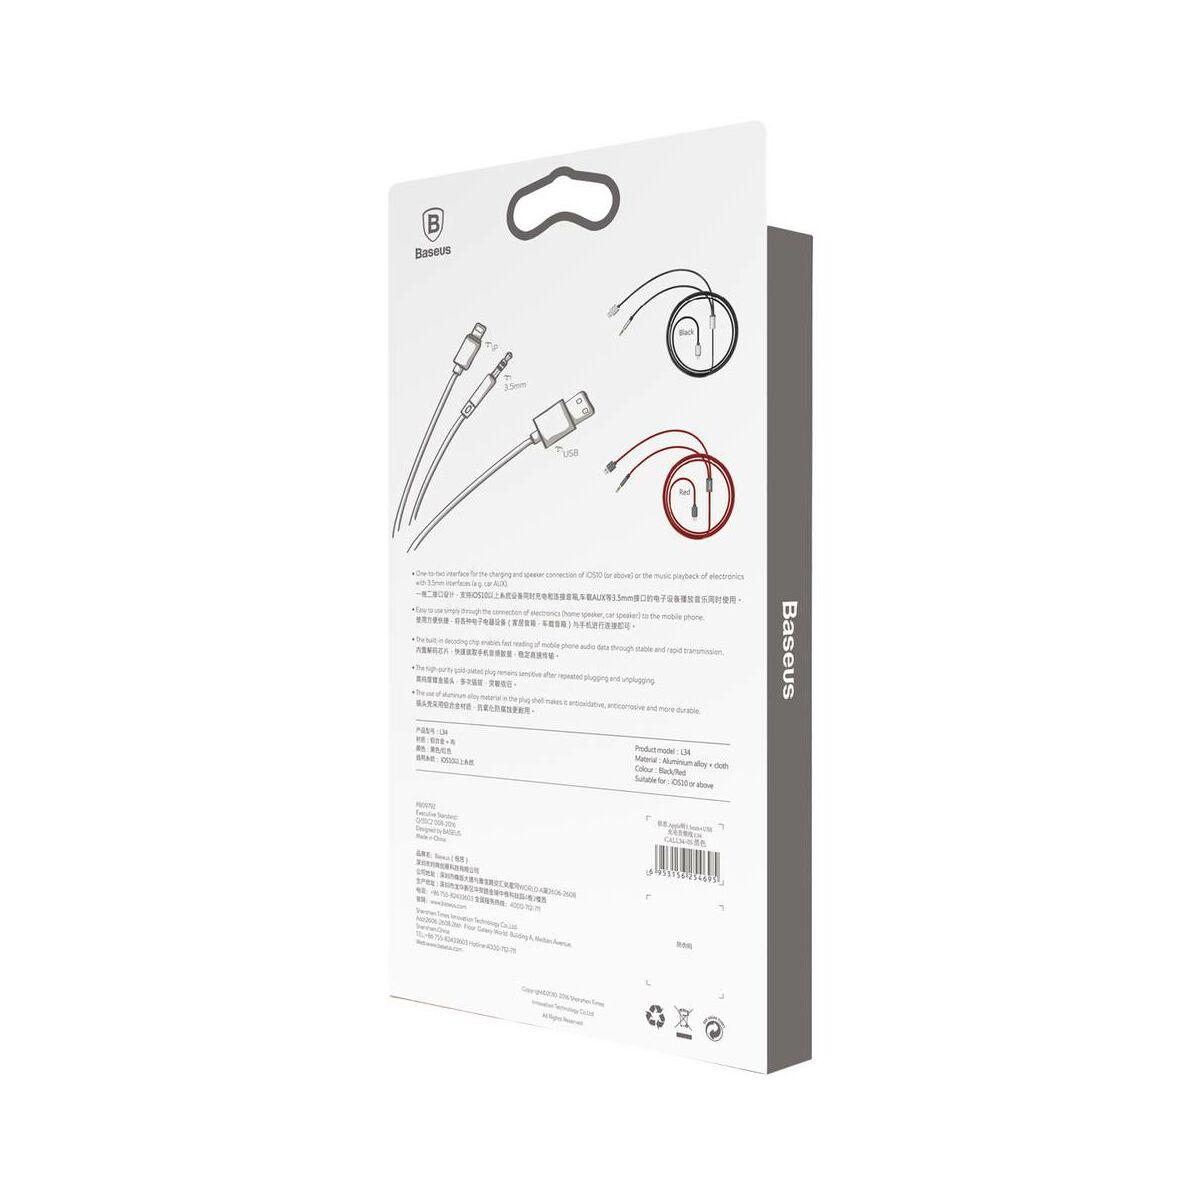 Baseus átalakító, L34 Lightning + 3.5 mm + USB töltő Audio kábel, ezüst/fekete (CALL34-0S)